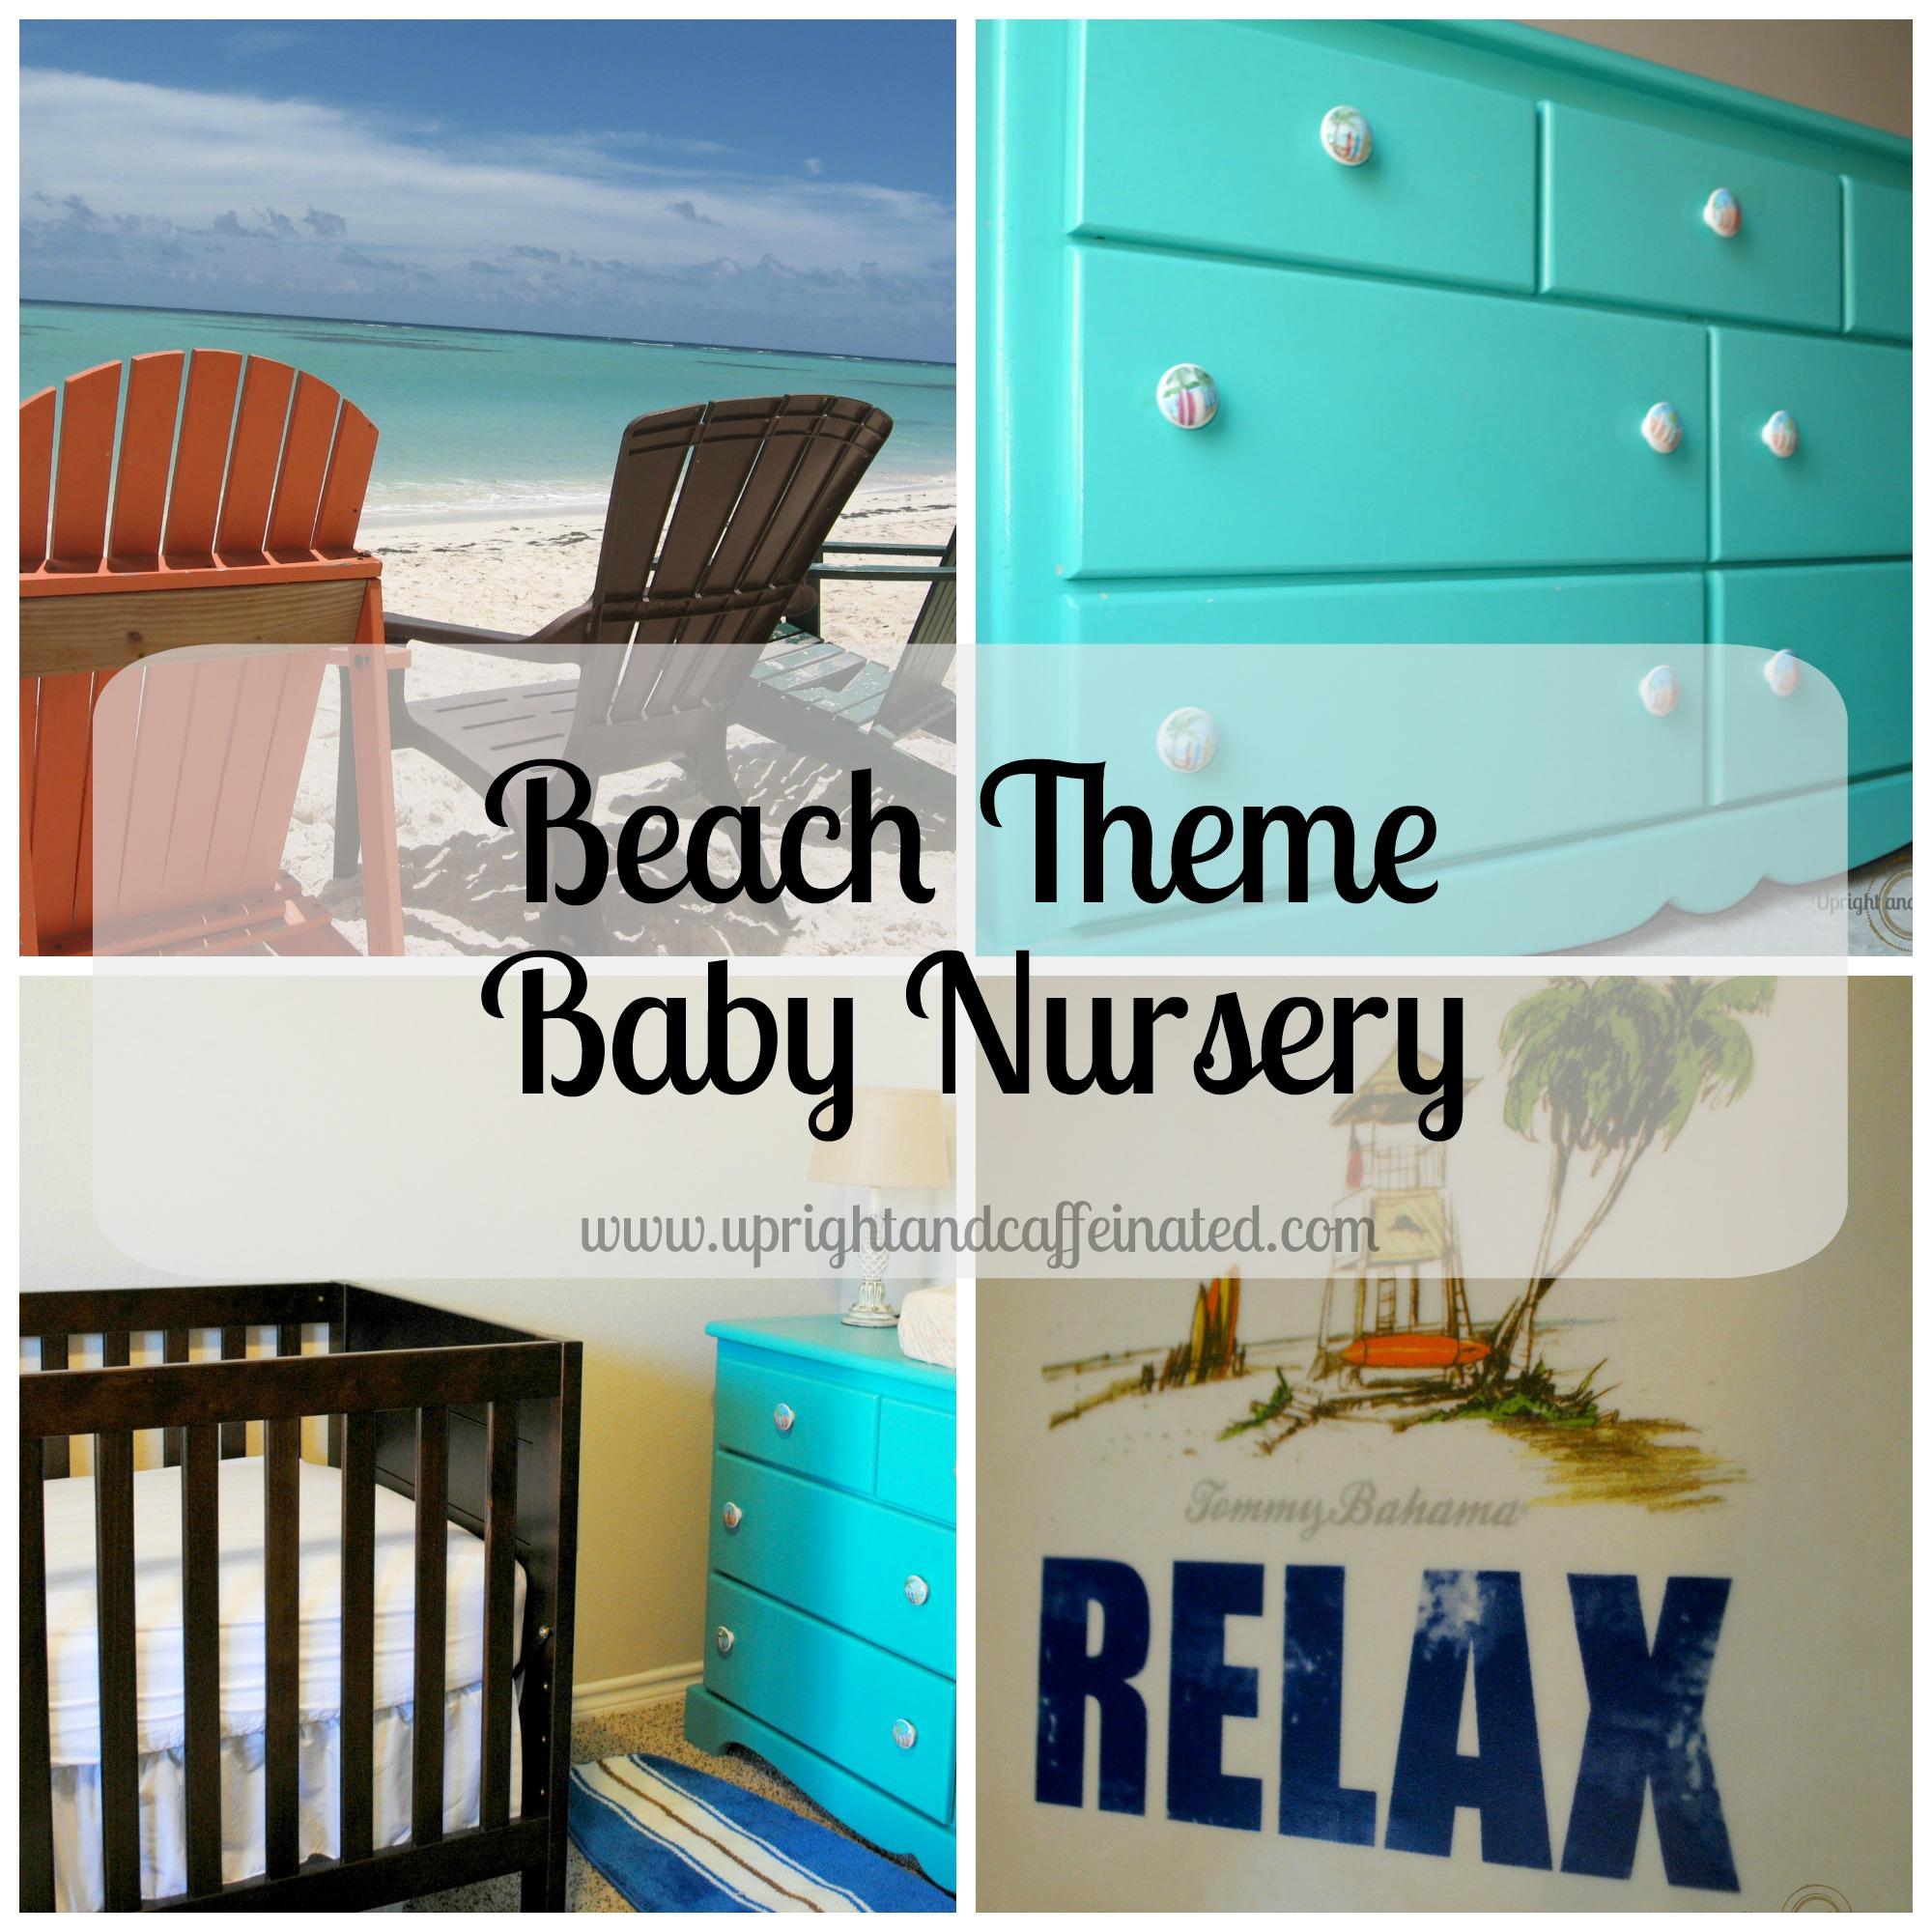 Beach Theme Baby Nursery